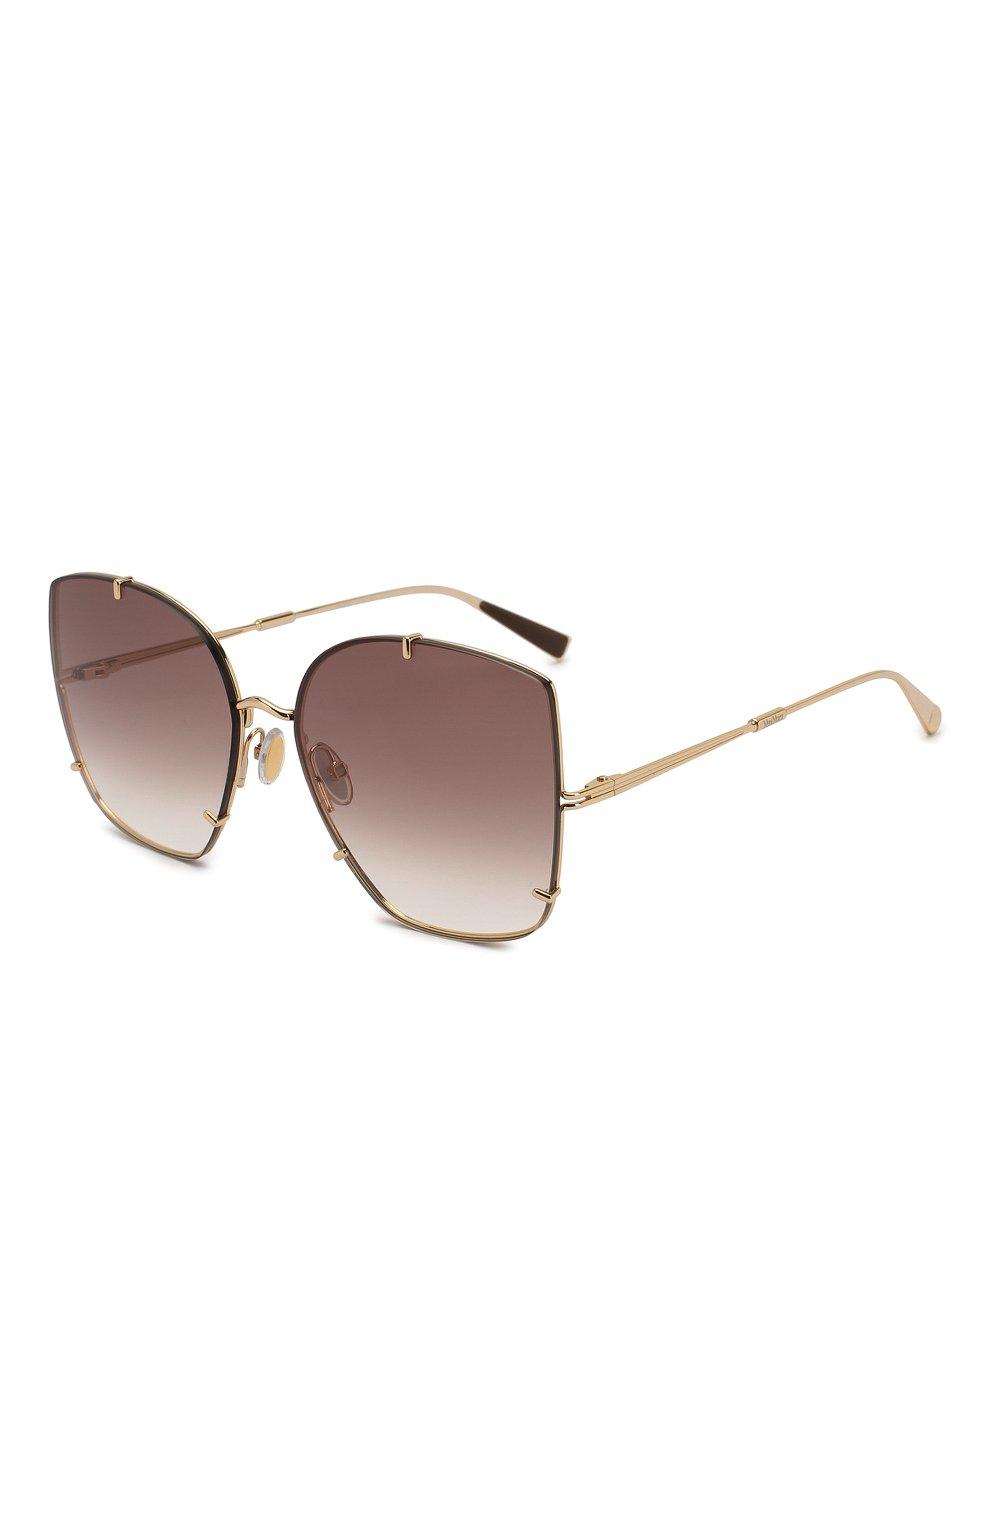 Женские солнцезащитные очки MAX MARA коричневого цвета, арт. H00KS II J5G | Фото 1